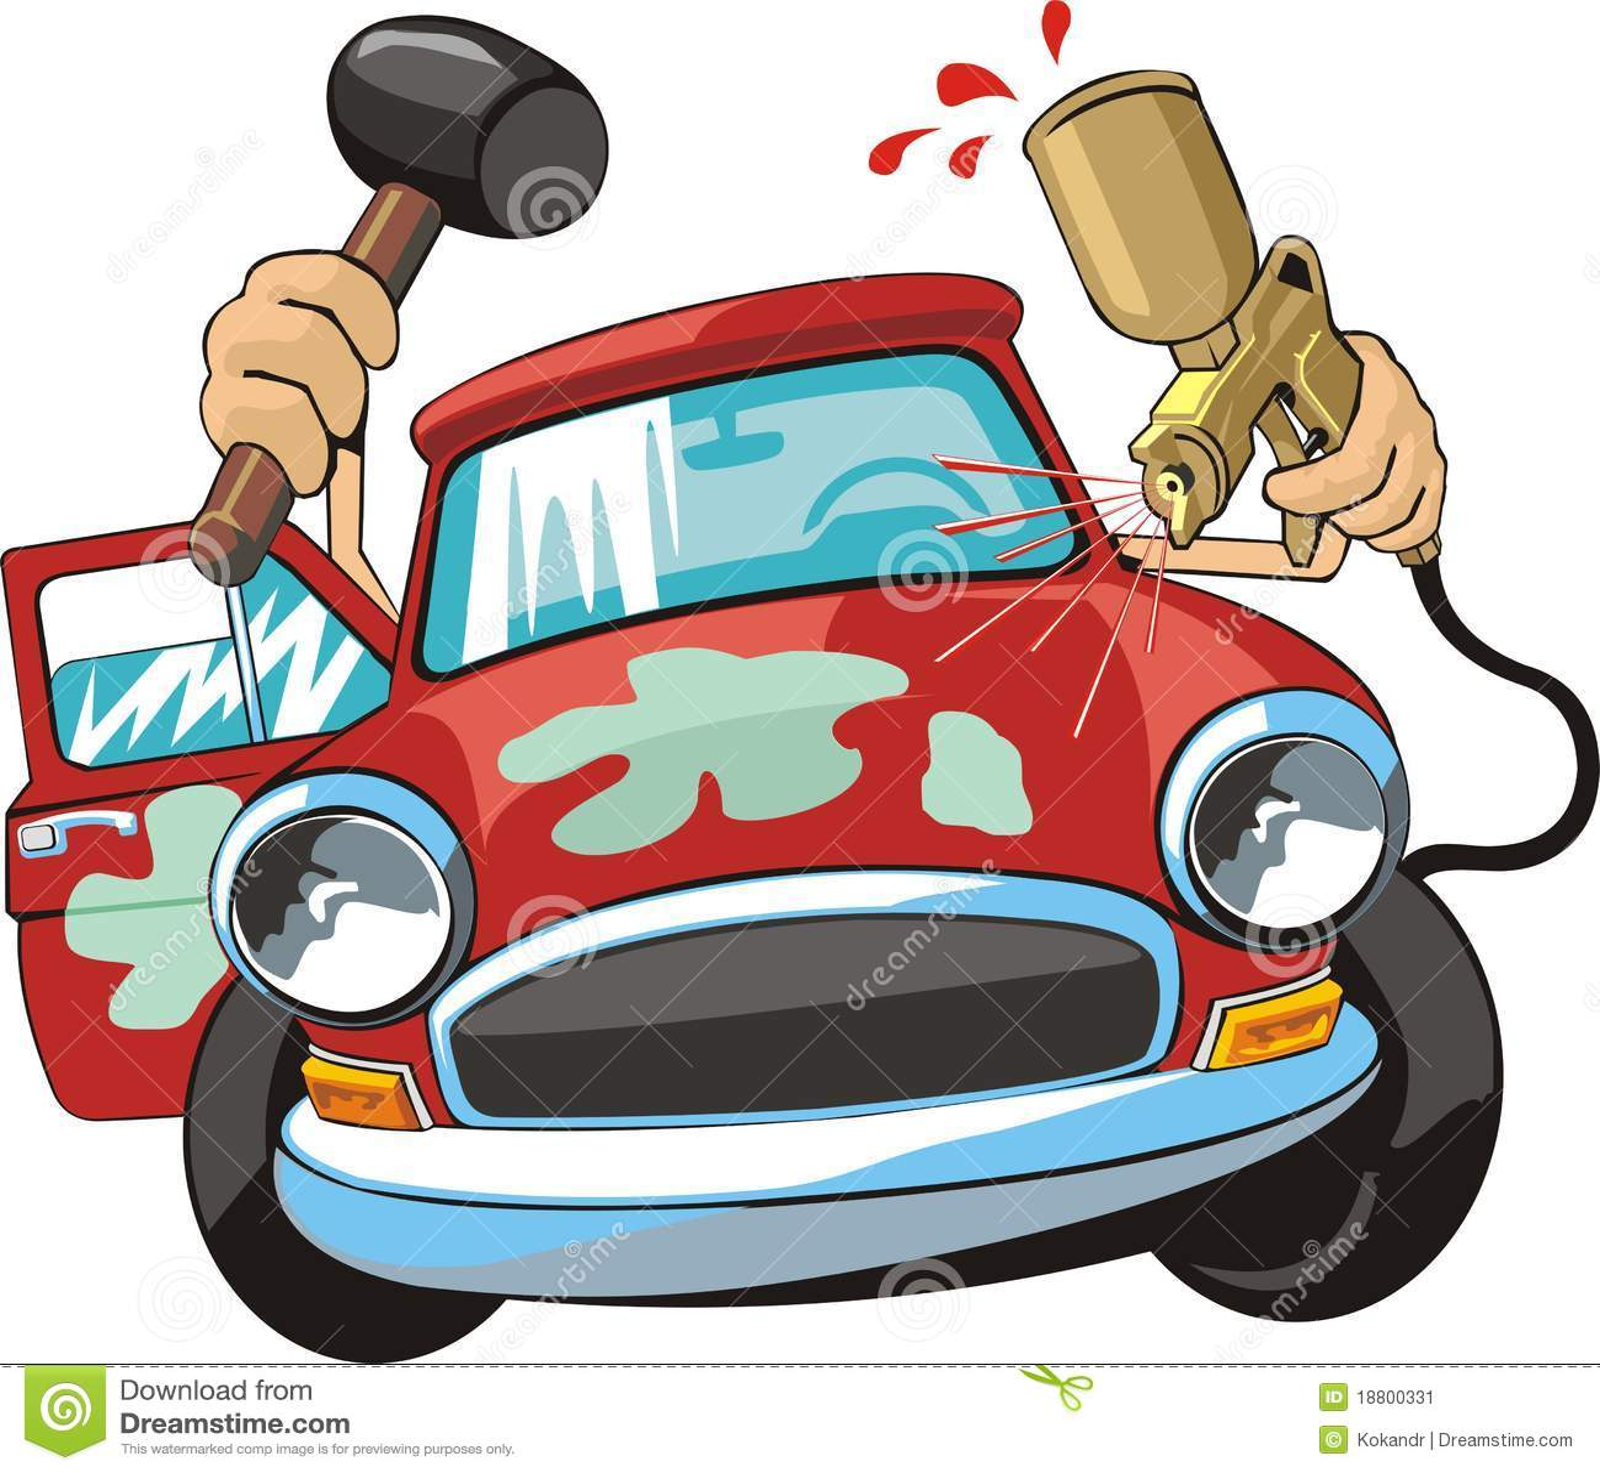 Car Credit For Repairs